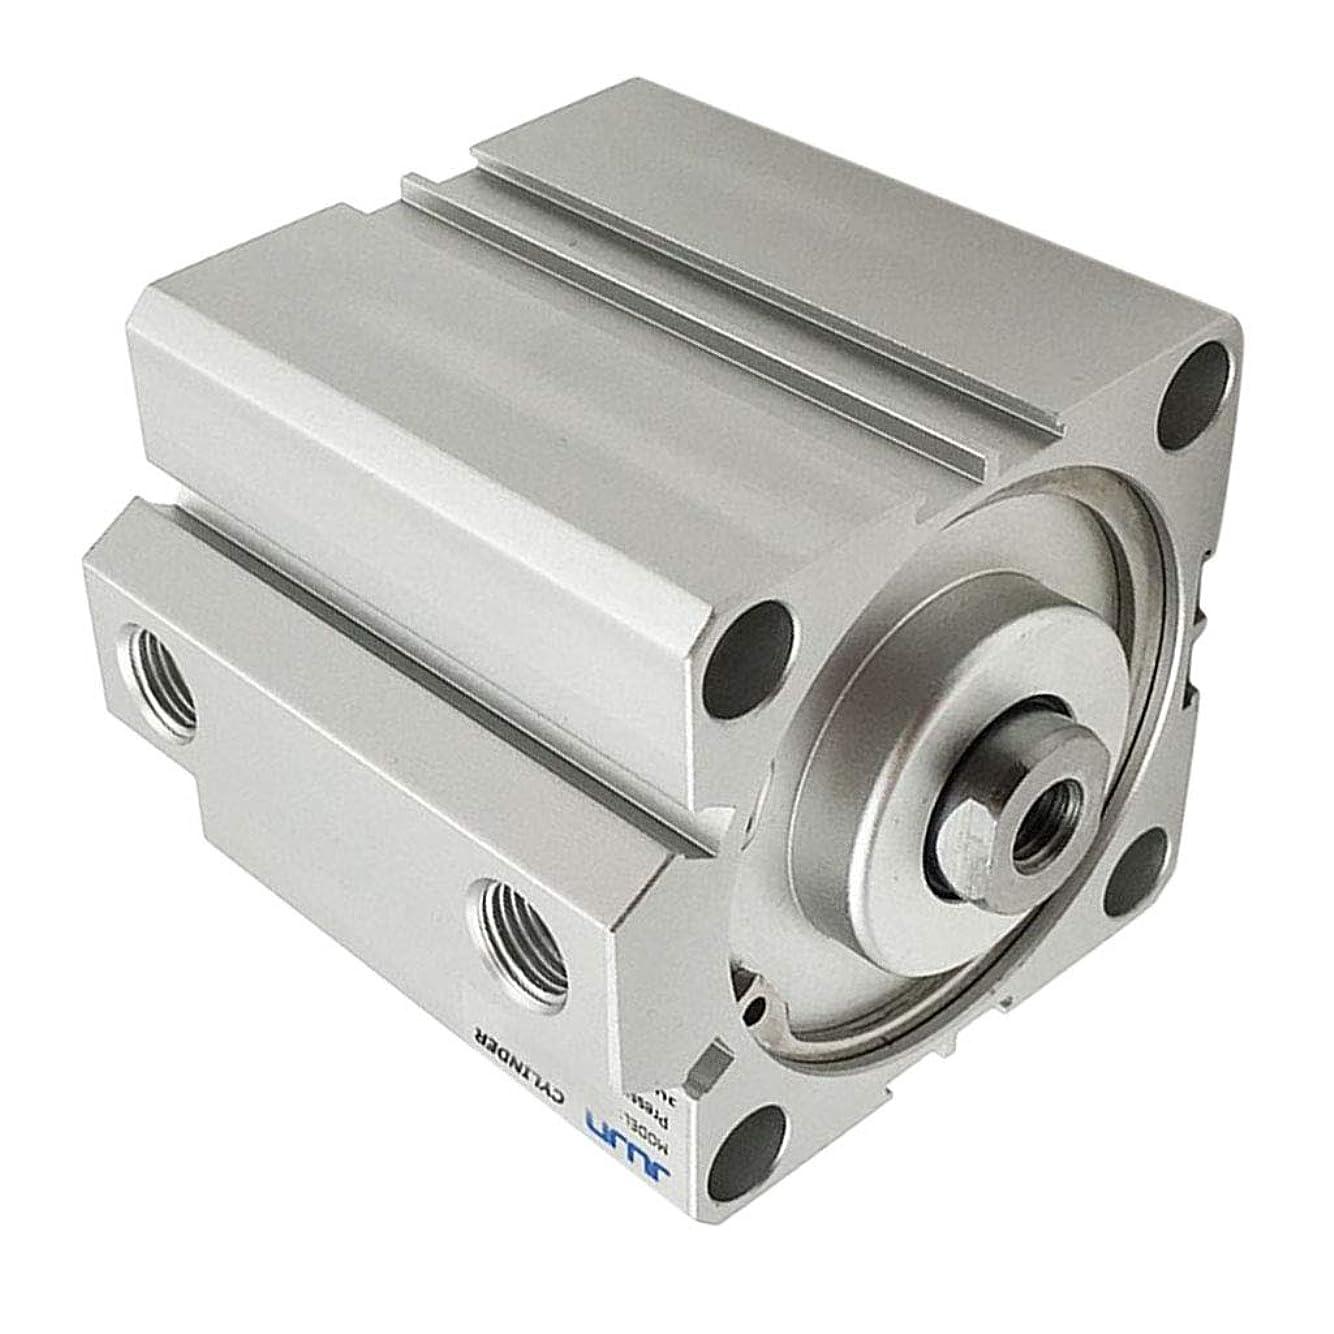 いらいらする平衡安らぎ空気圧シリンダSDA形ステンレス鋼空気圧シリンダ - SDA25-5